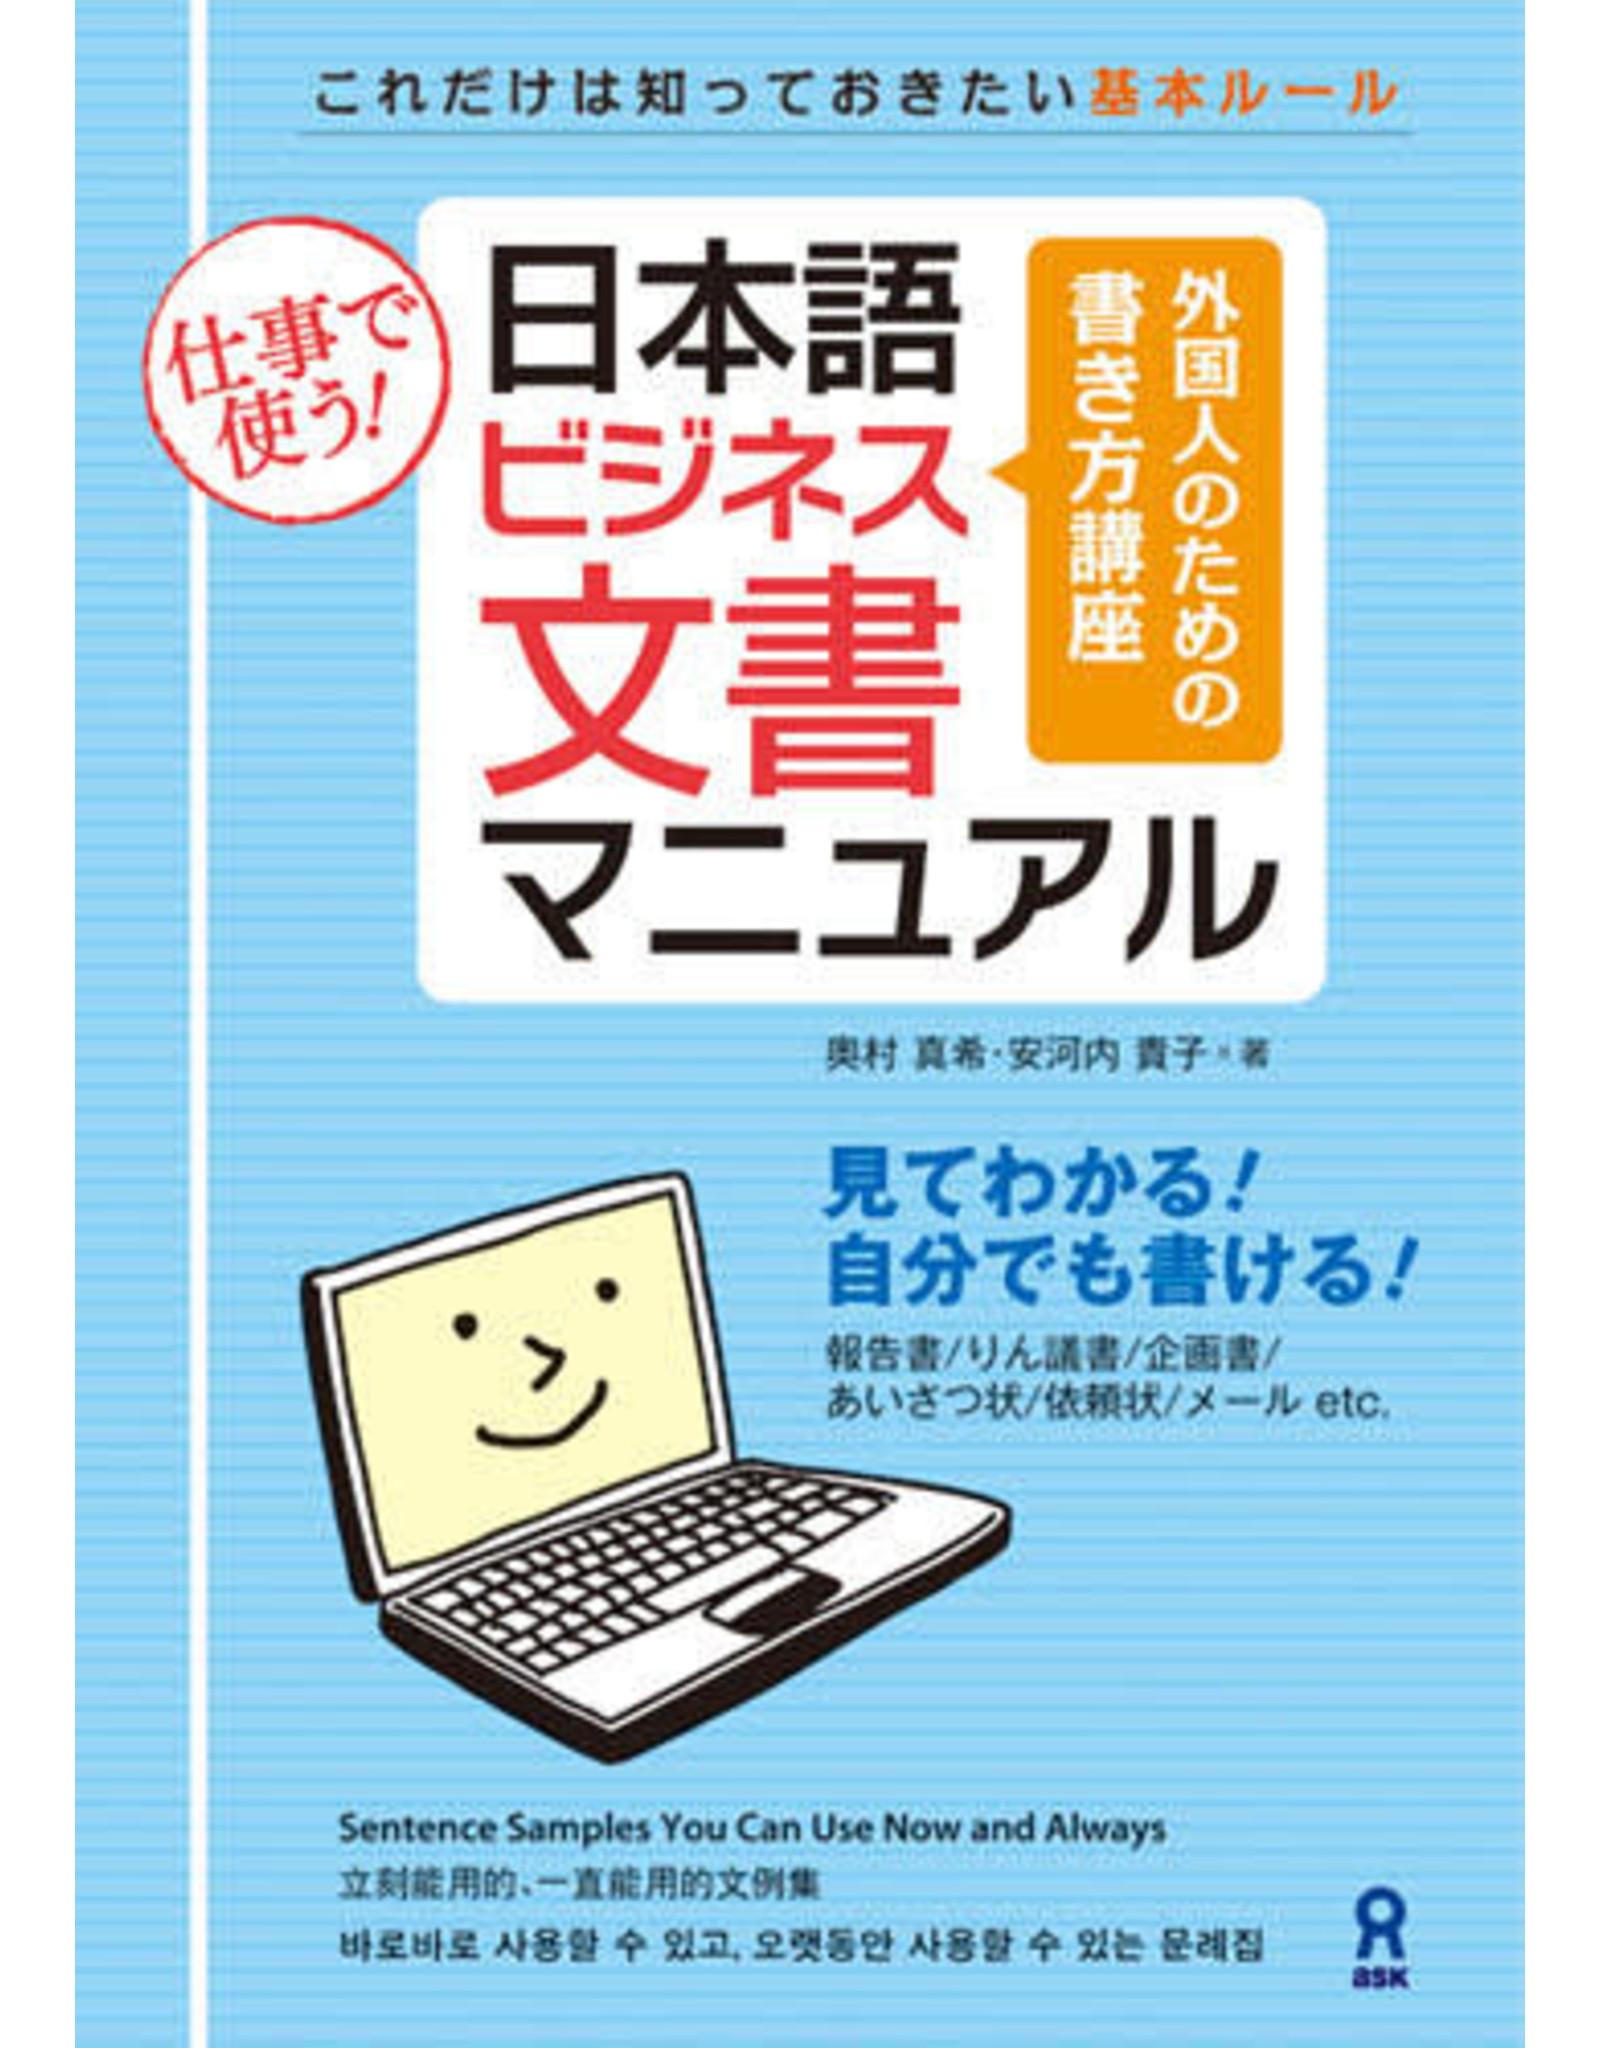 ASK NIHONGO BUSINESS BUNSHO MANUAL : SHIGOTO DE TSUKAU ! GAIKOKUJIN NO KAKIKATA KOZA